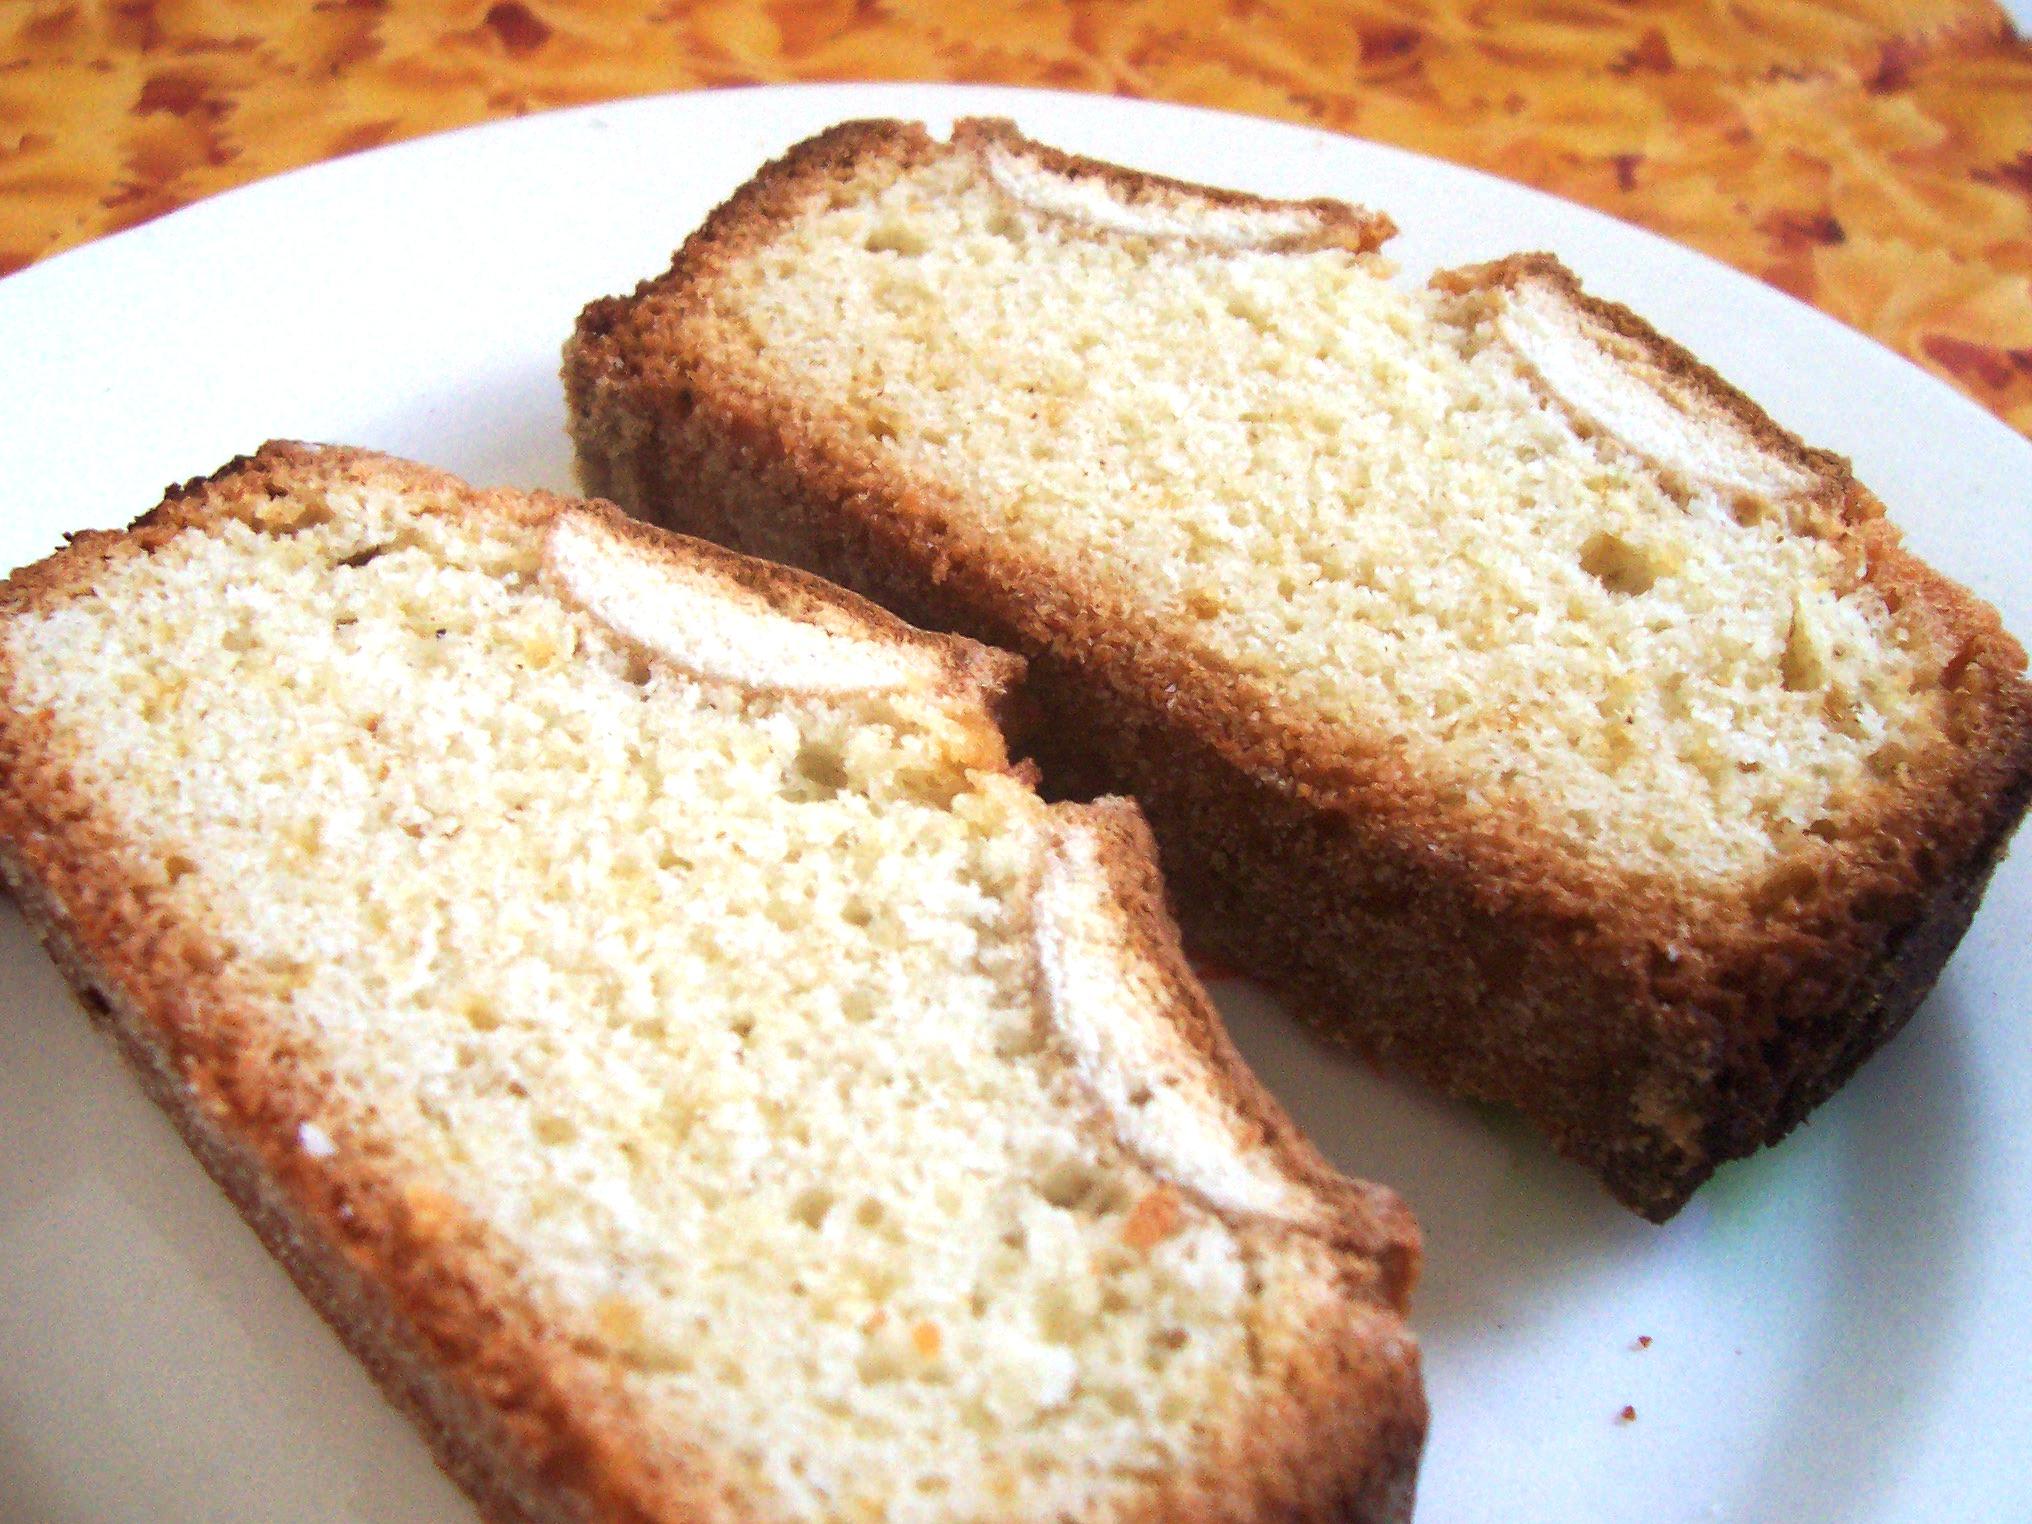 Opilý chlebíček